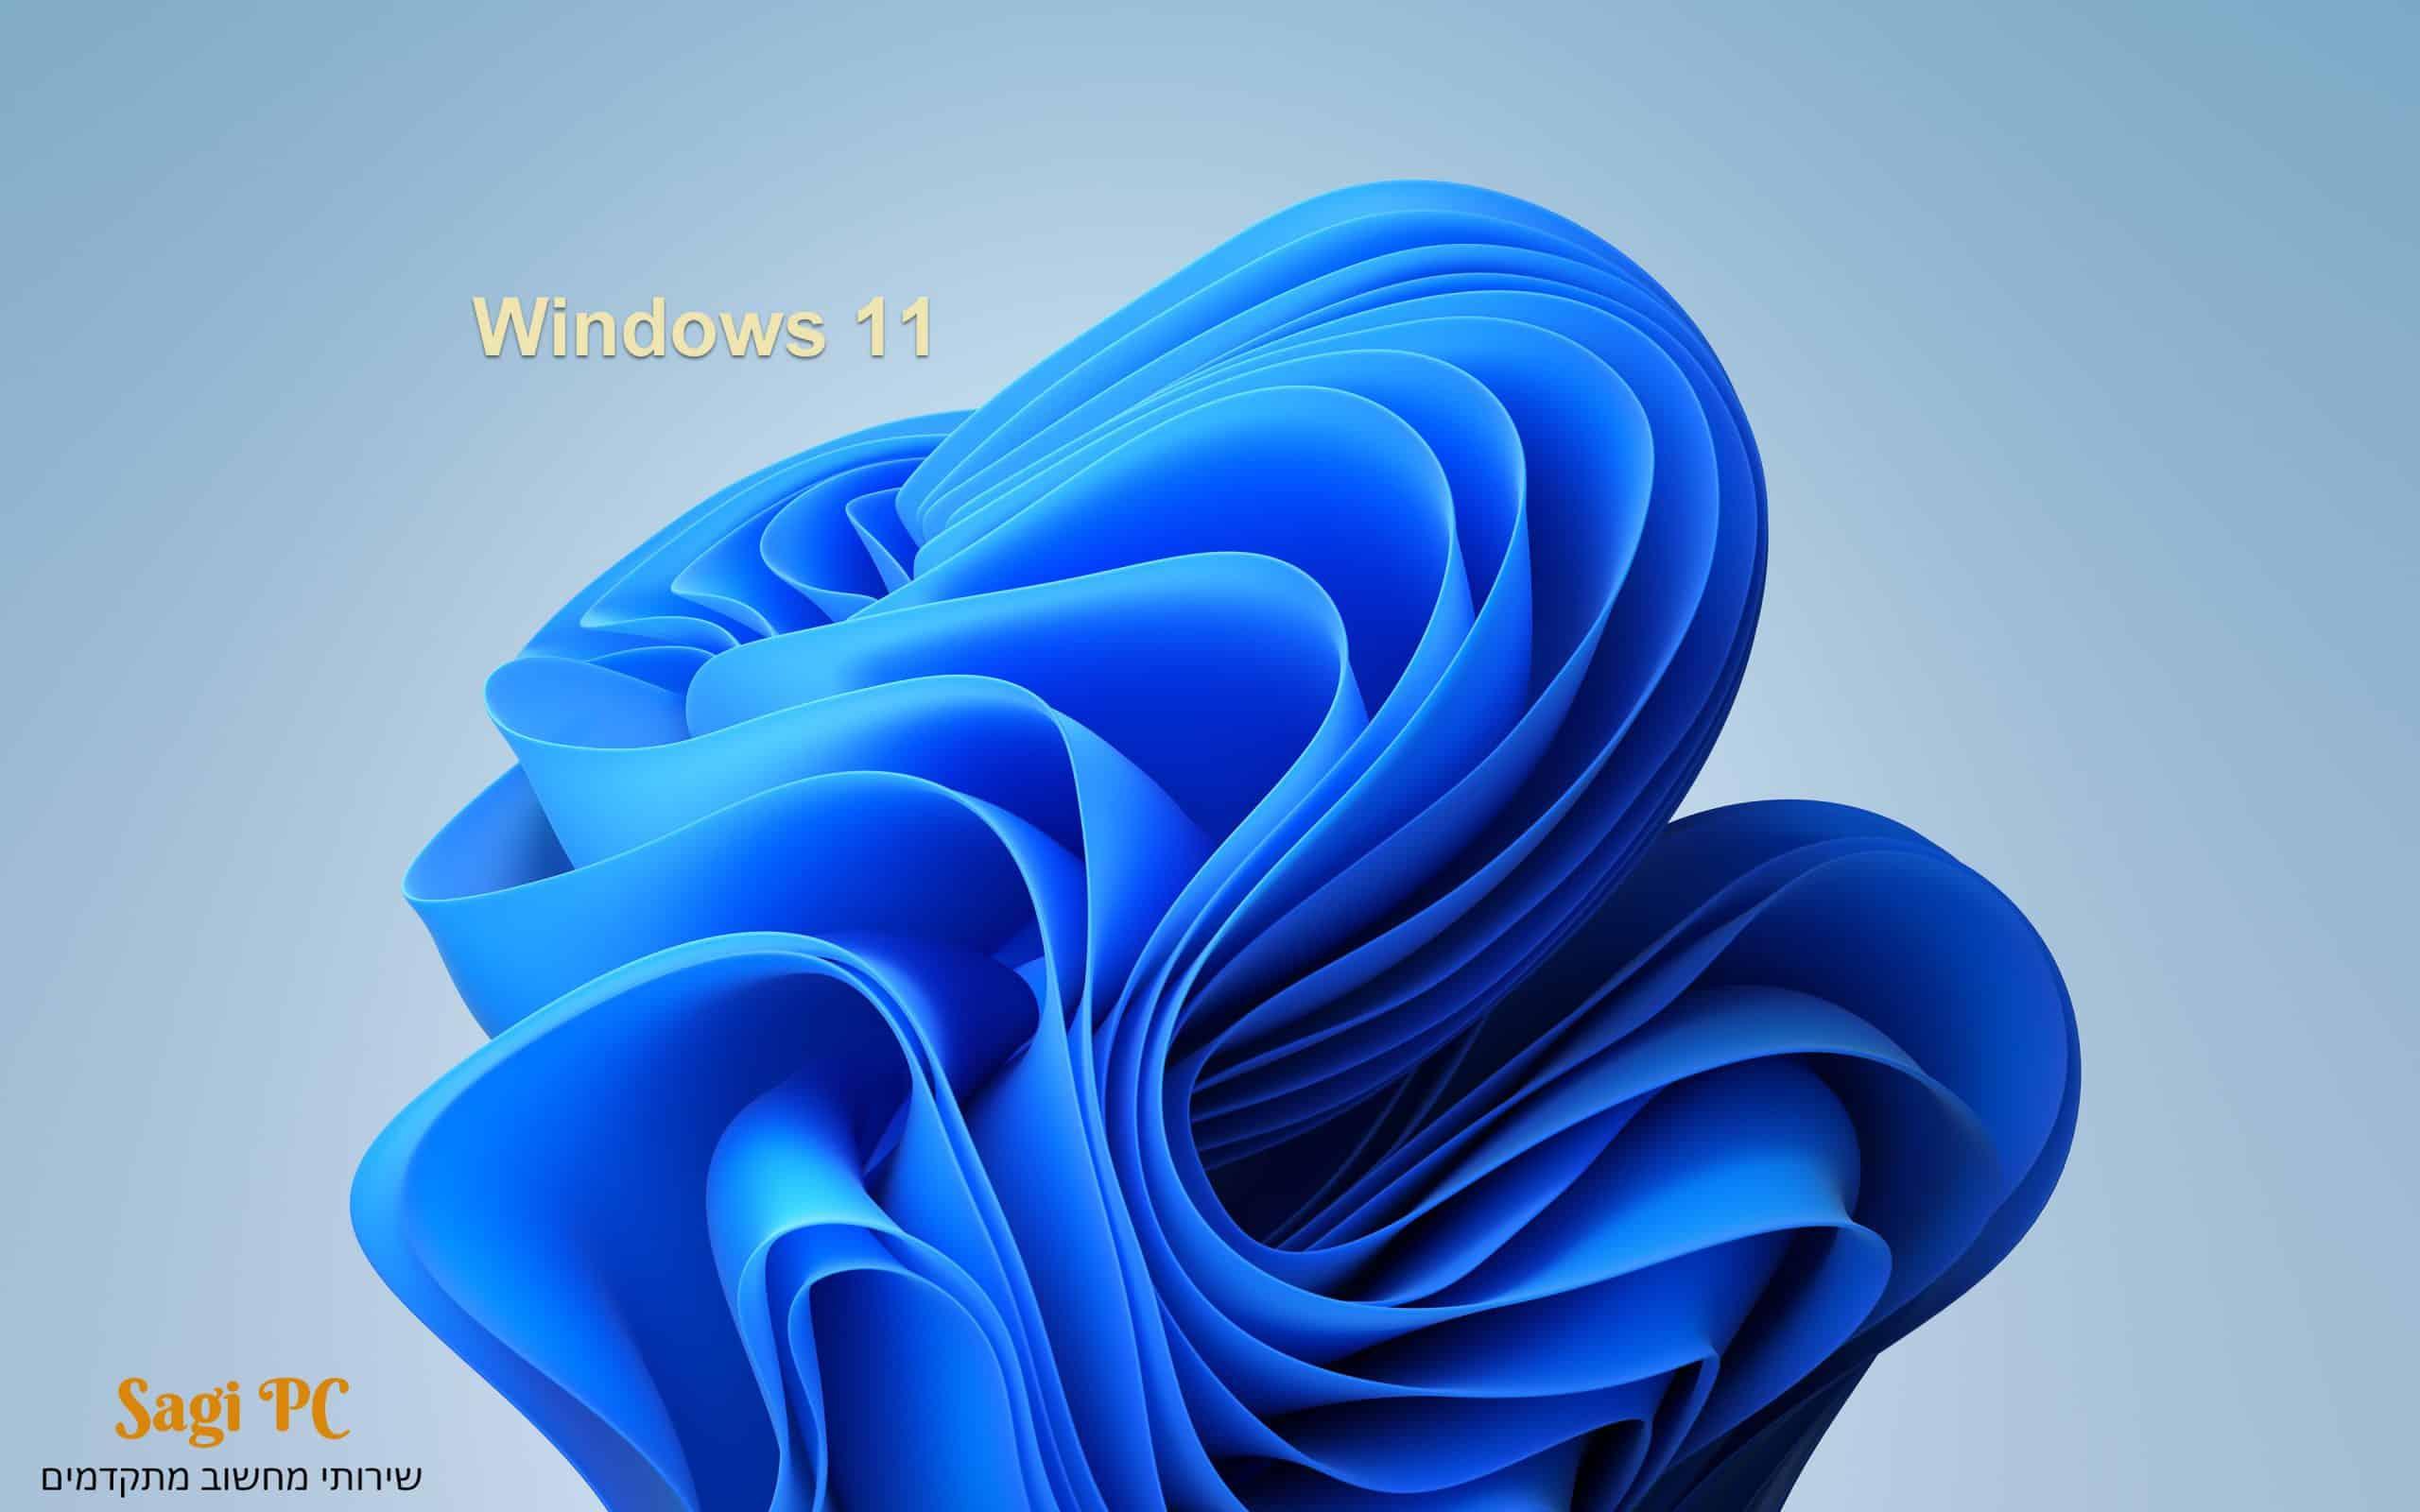 חלונות_11_להורדה